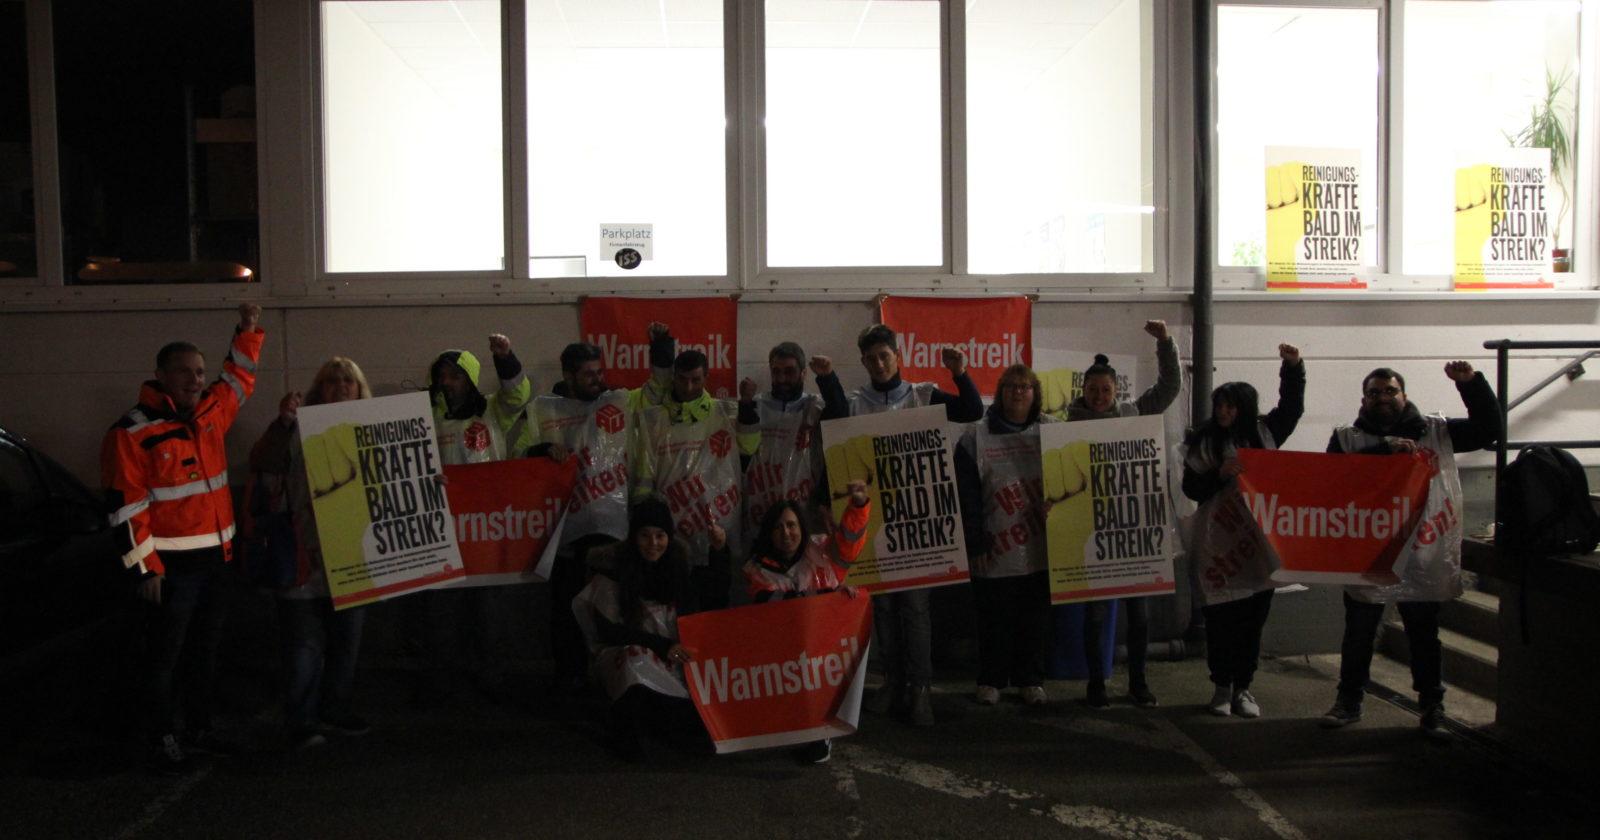 Beschäftigte von ISS Pharma bei Teva/Ratiopharm in Ulm streikten – Arbeitsdirektor wollte Streik verhindern